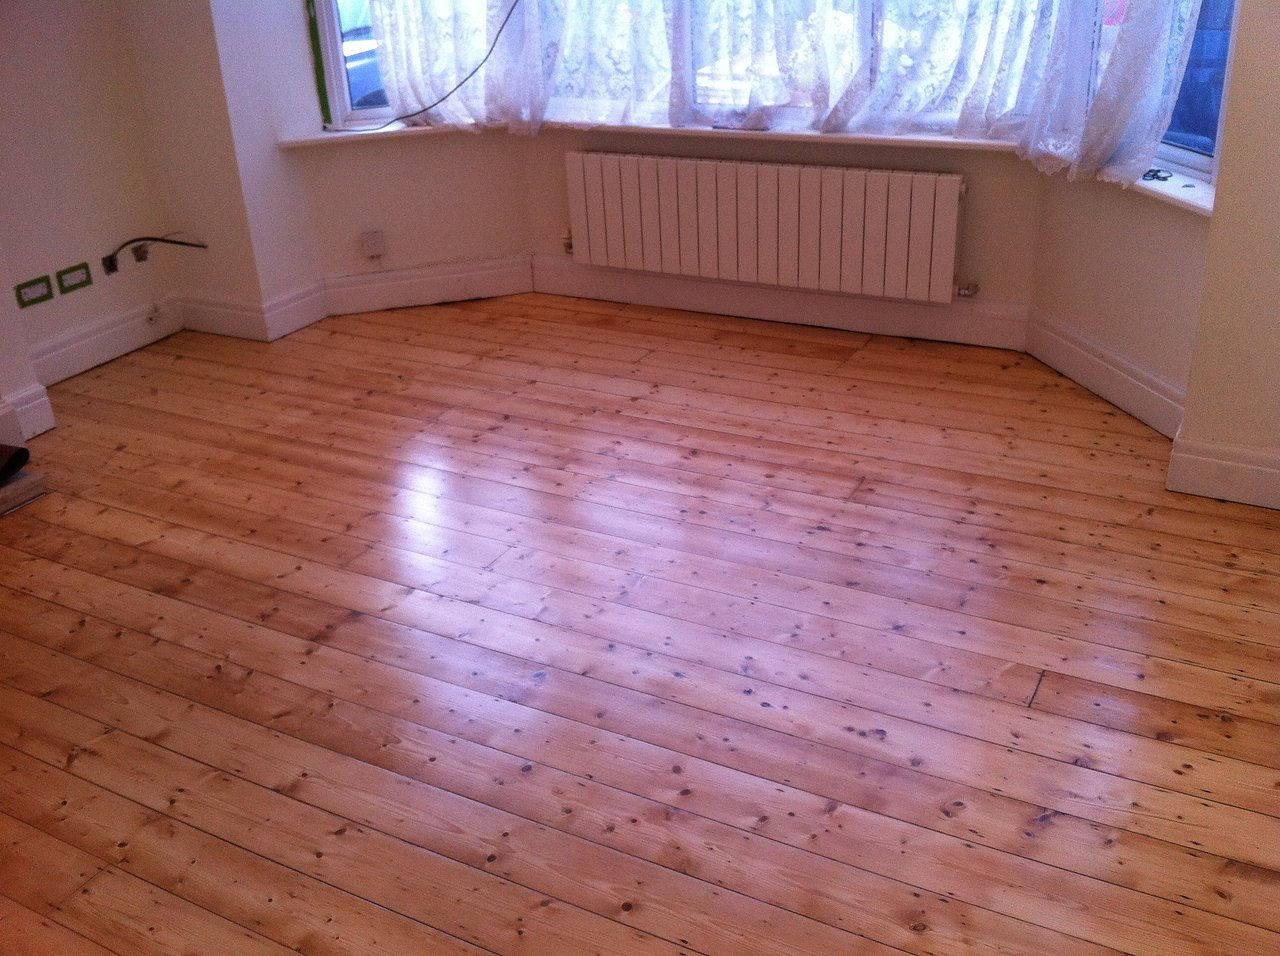 The london wood flooring co - Gap Filing Sanding And Varnishing Pine Wood Floor Jpg